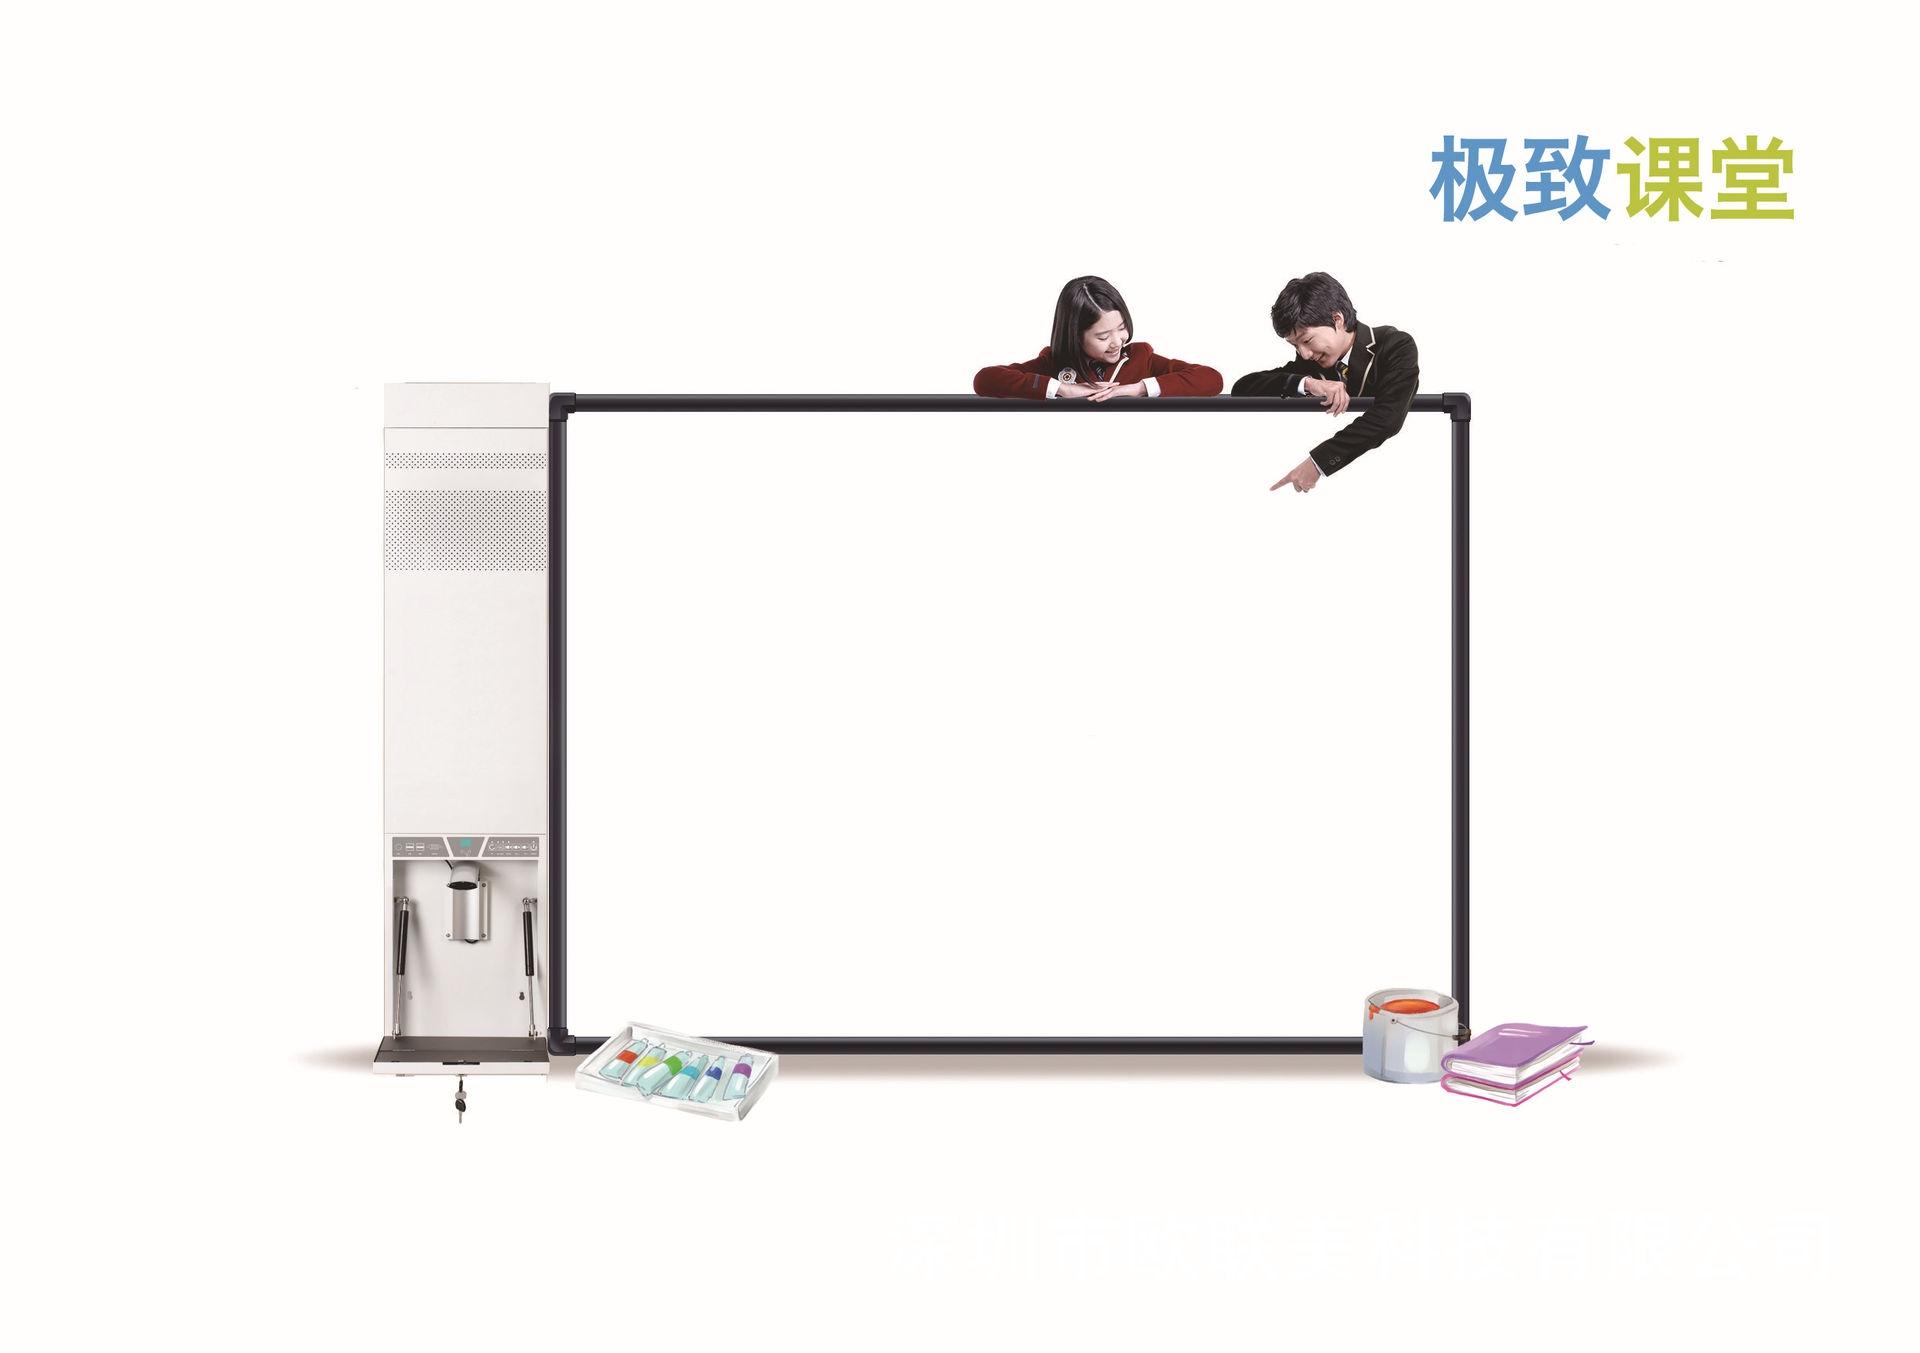 深圳市欧联美科技有限公司 供应信息 白板 新款窄边框82寸红外10点